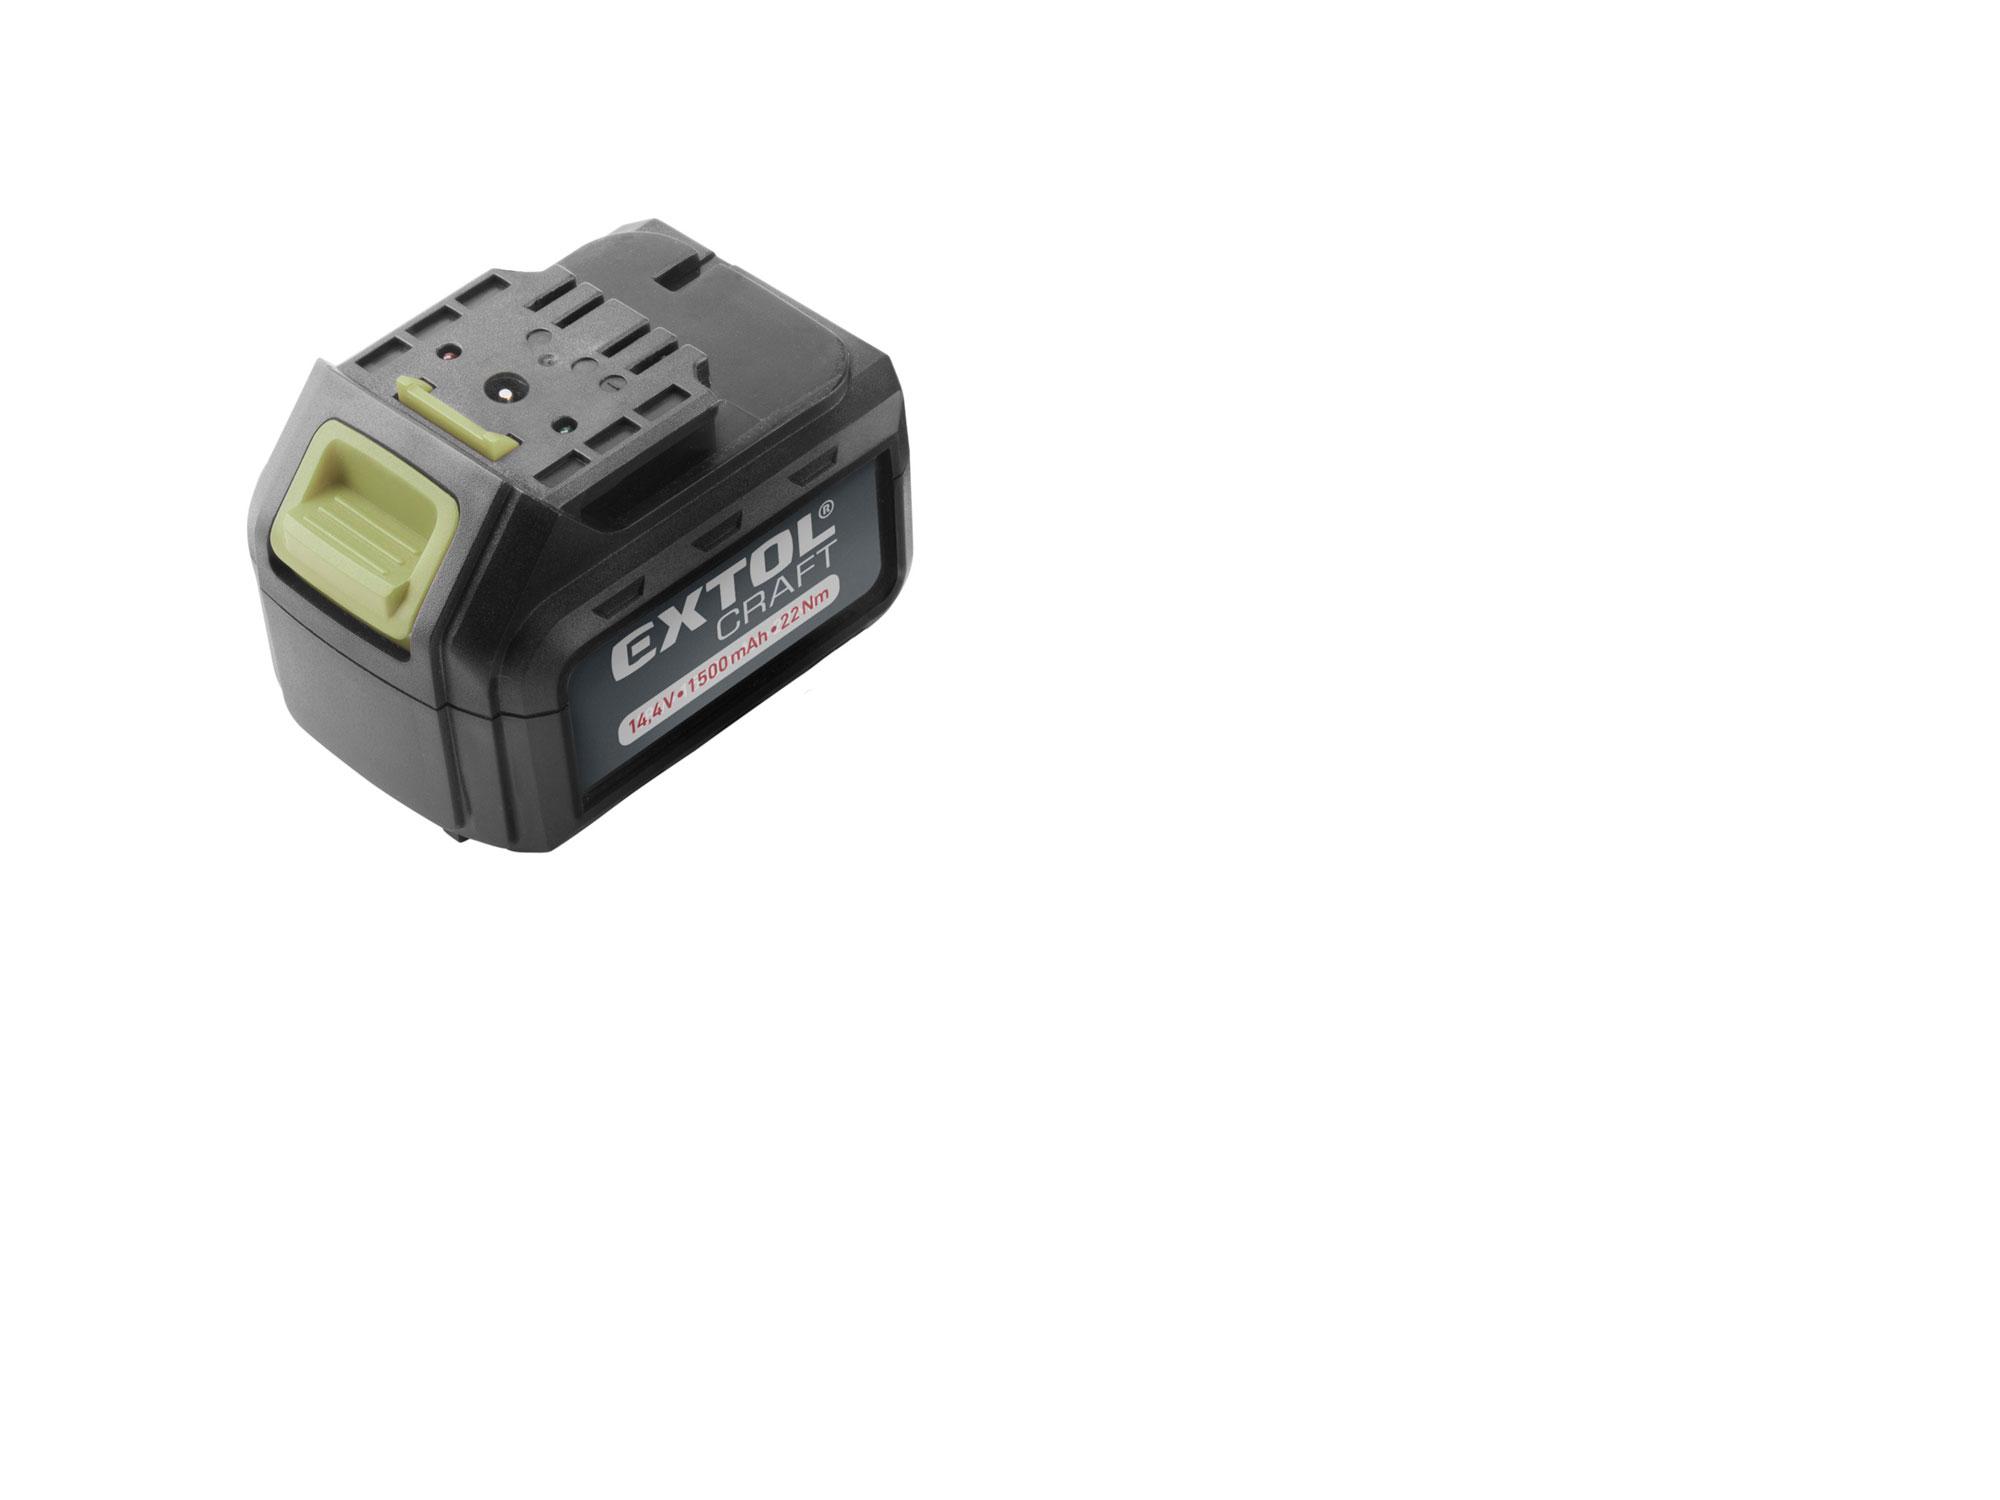 Baterie akumulátorová 14,4V, Li-ion, 1500mAh EXTOL CRAFT 402420B